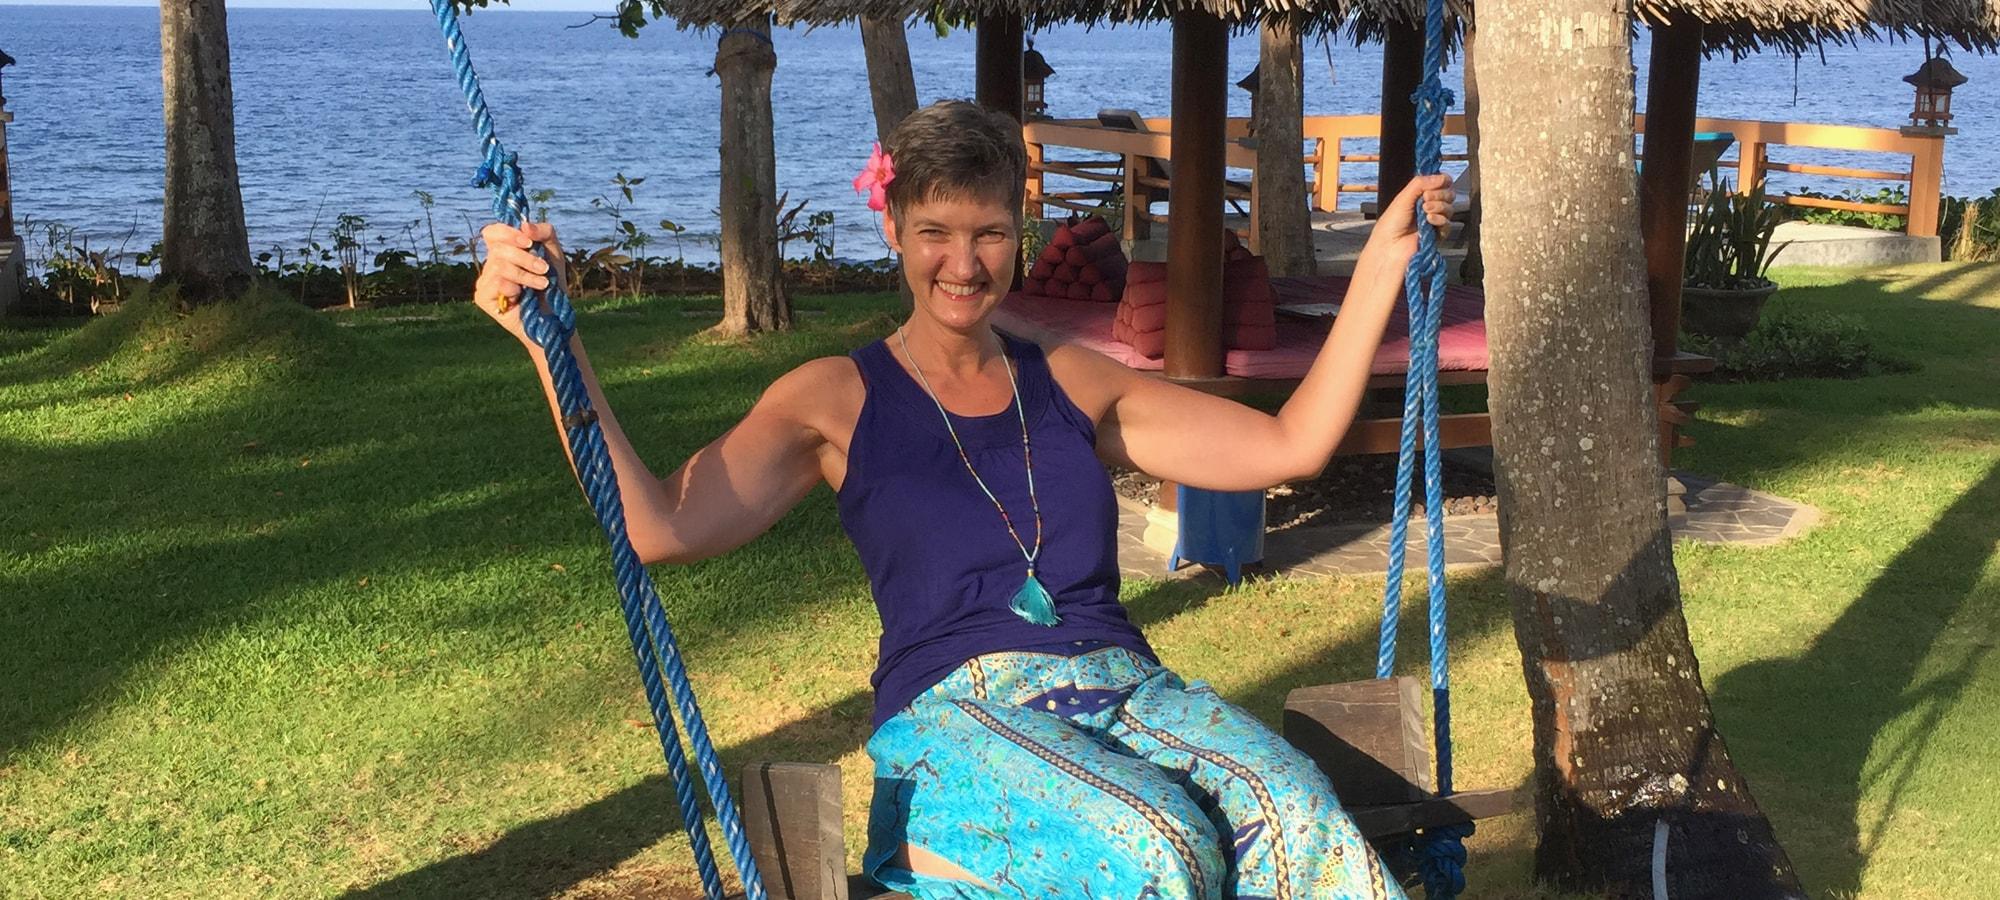 Meditation_auf_der_Schaukel_auf_Bali